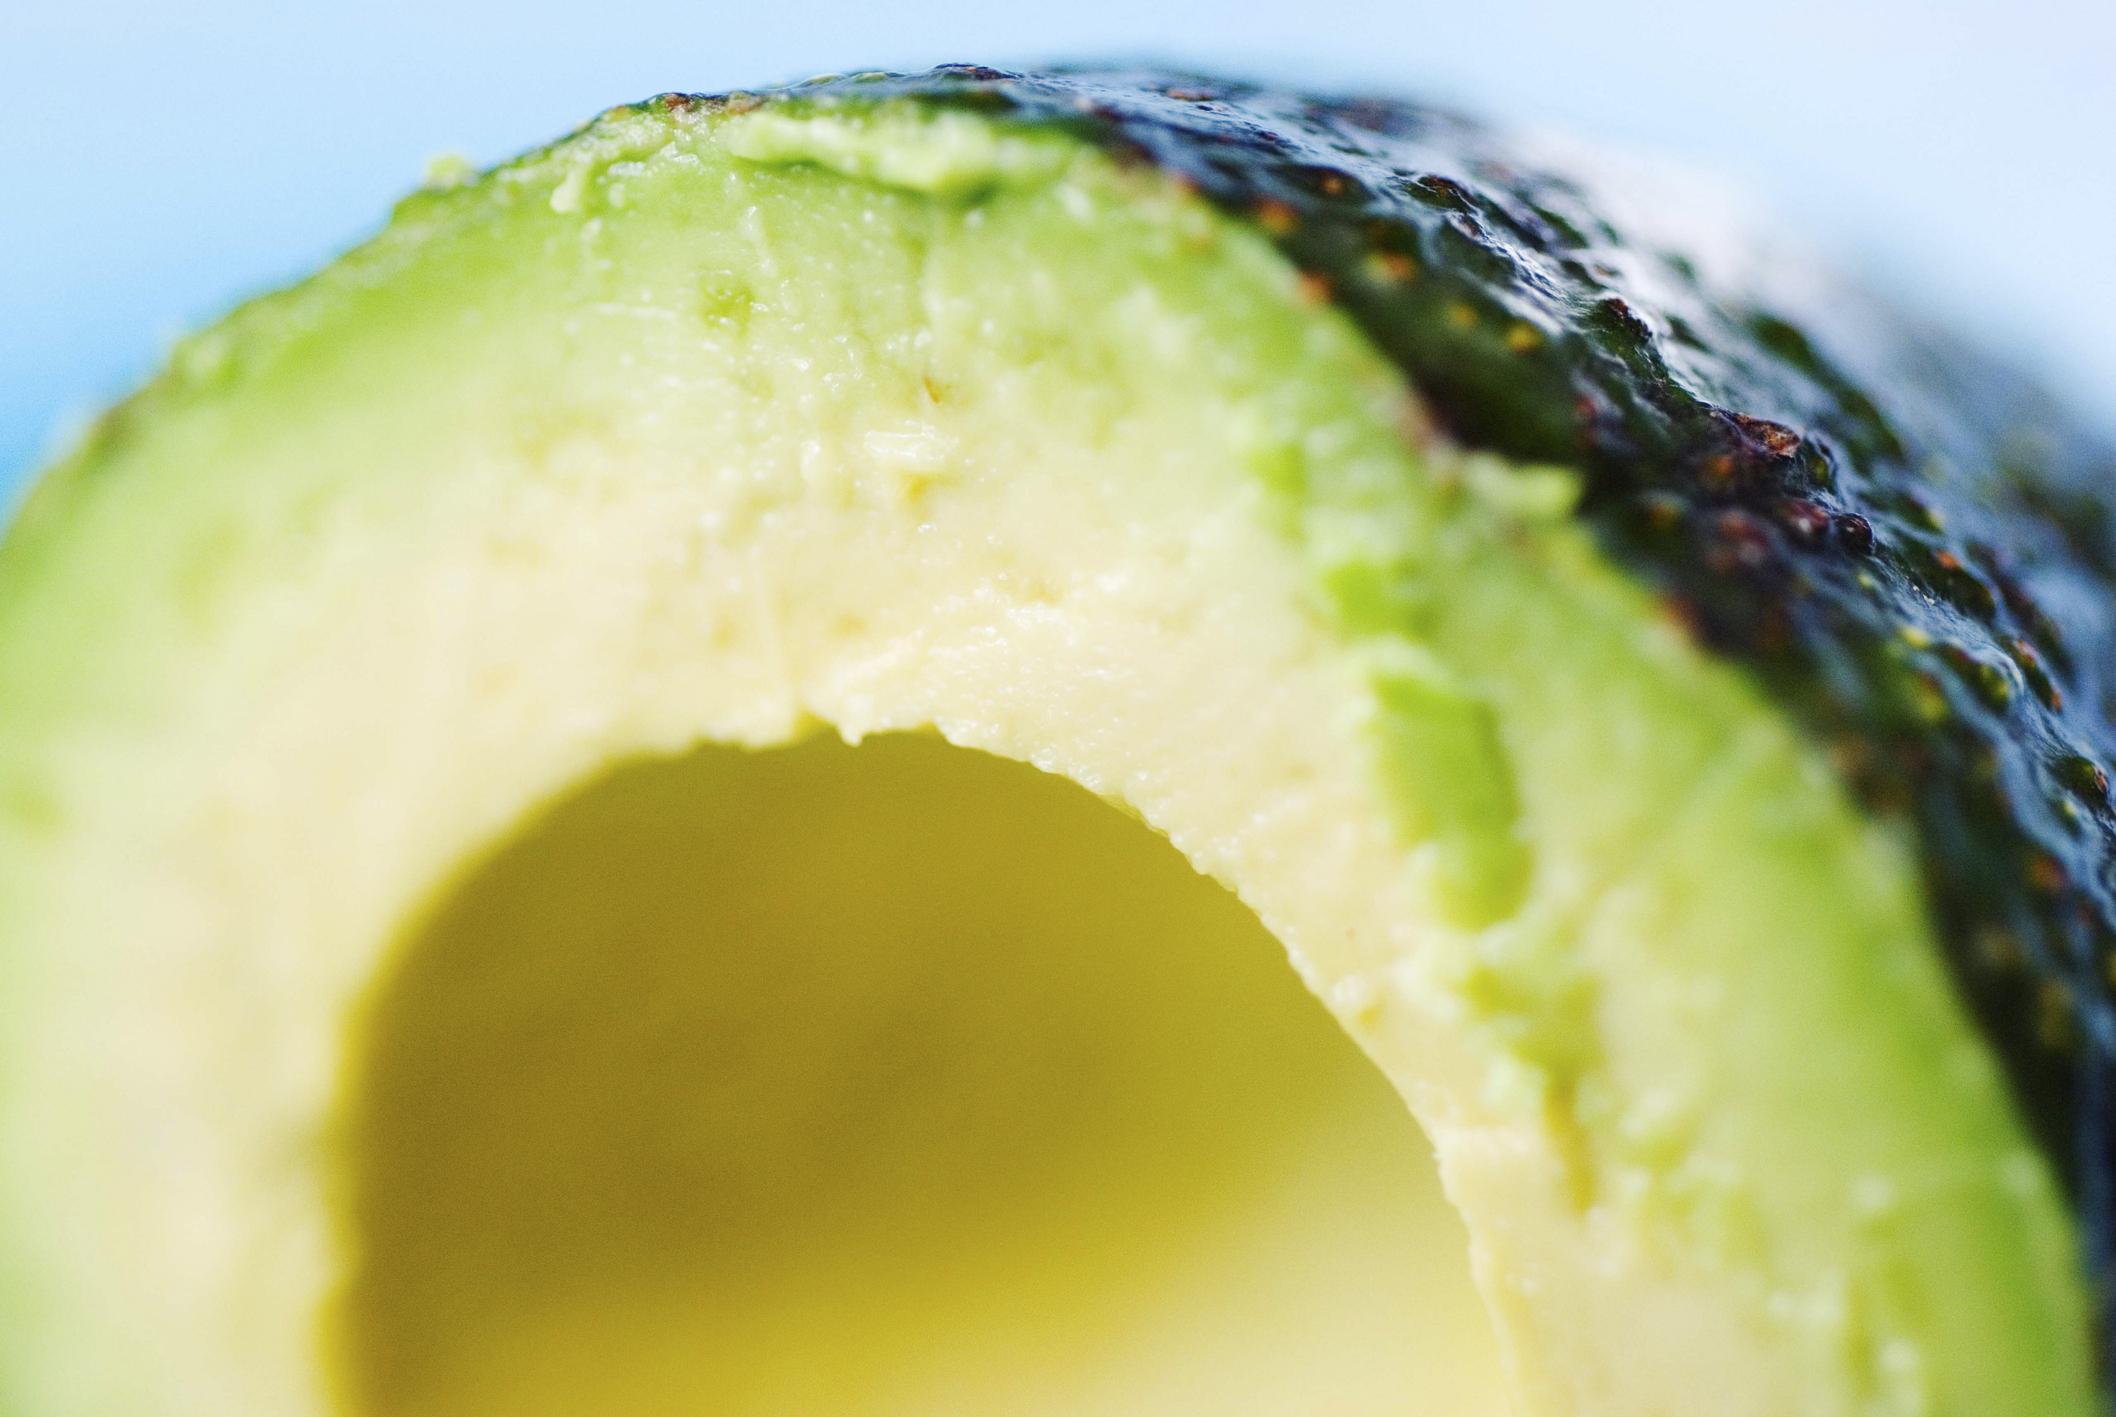 Авокадо: неслучайно го наричат чудото на плодовете. То съдържа много голям процент мазнини, но нямате причина да се страхувате от тях, защото те са полезни за тялото и диетата. Авокадото потушава чувството за глад, богато е и на протеини и фибри, отразява се добре и на нивото на холестерола.